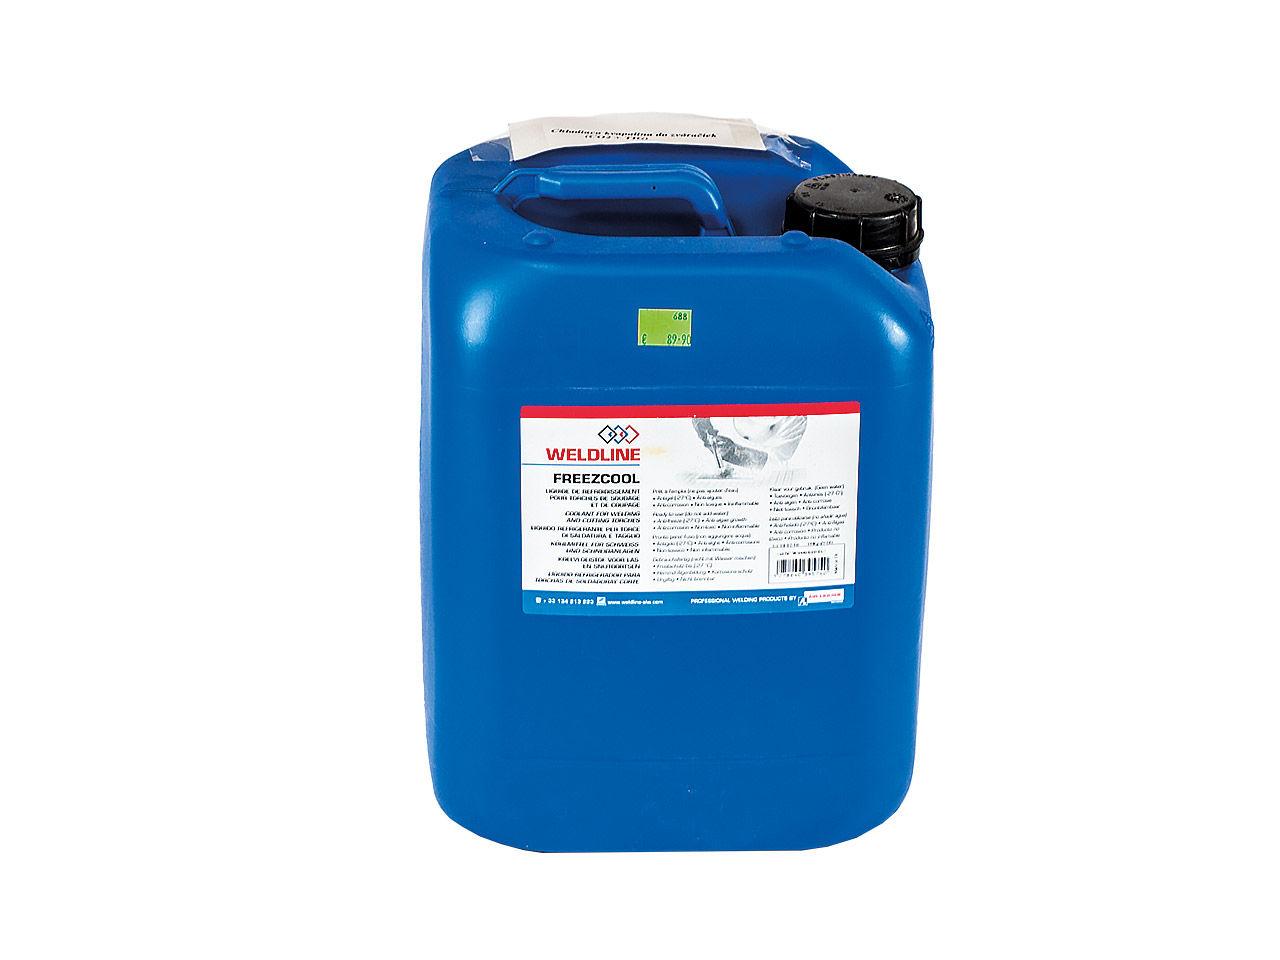 Chladiaca kvapalina 9,6l zváracka Co2